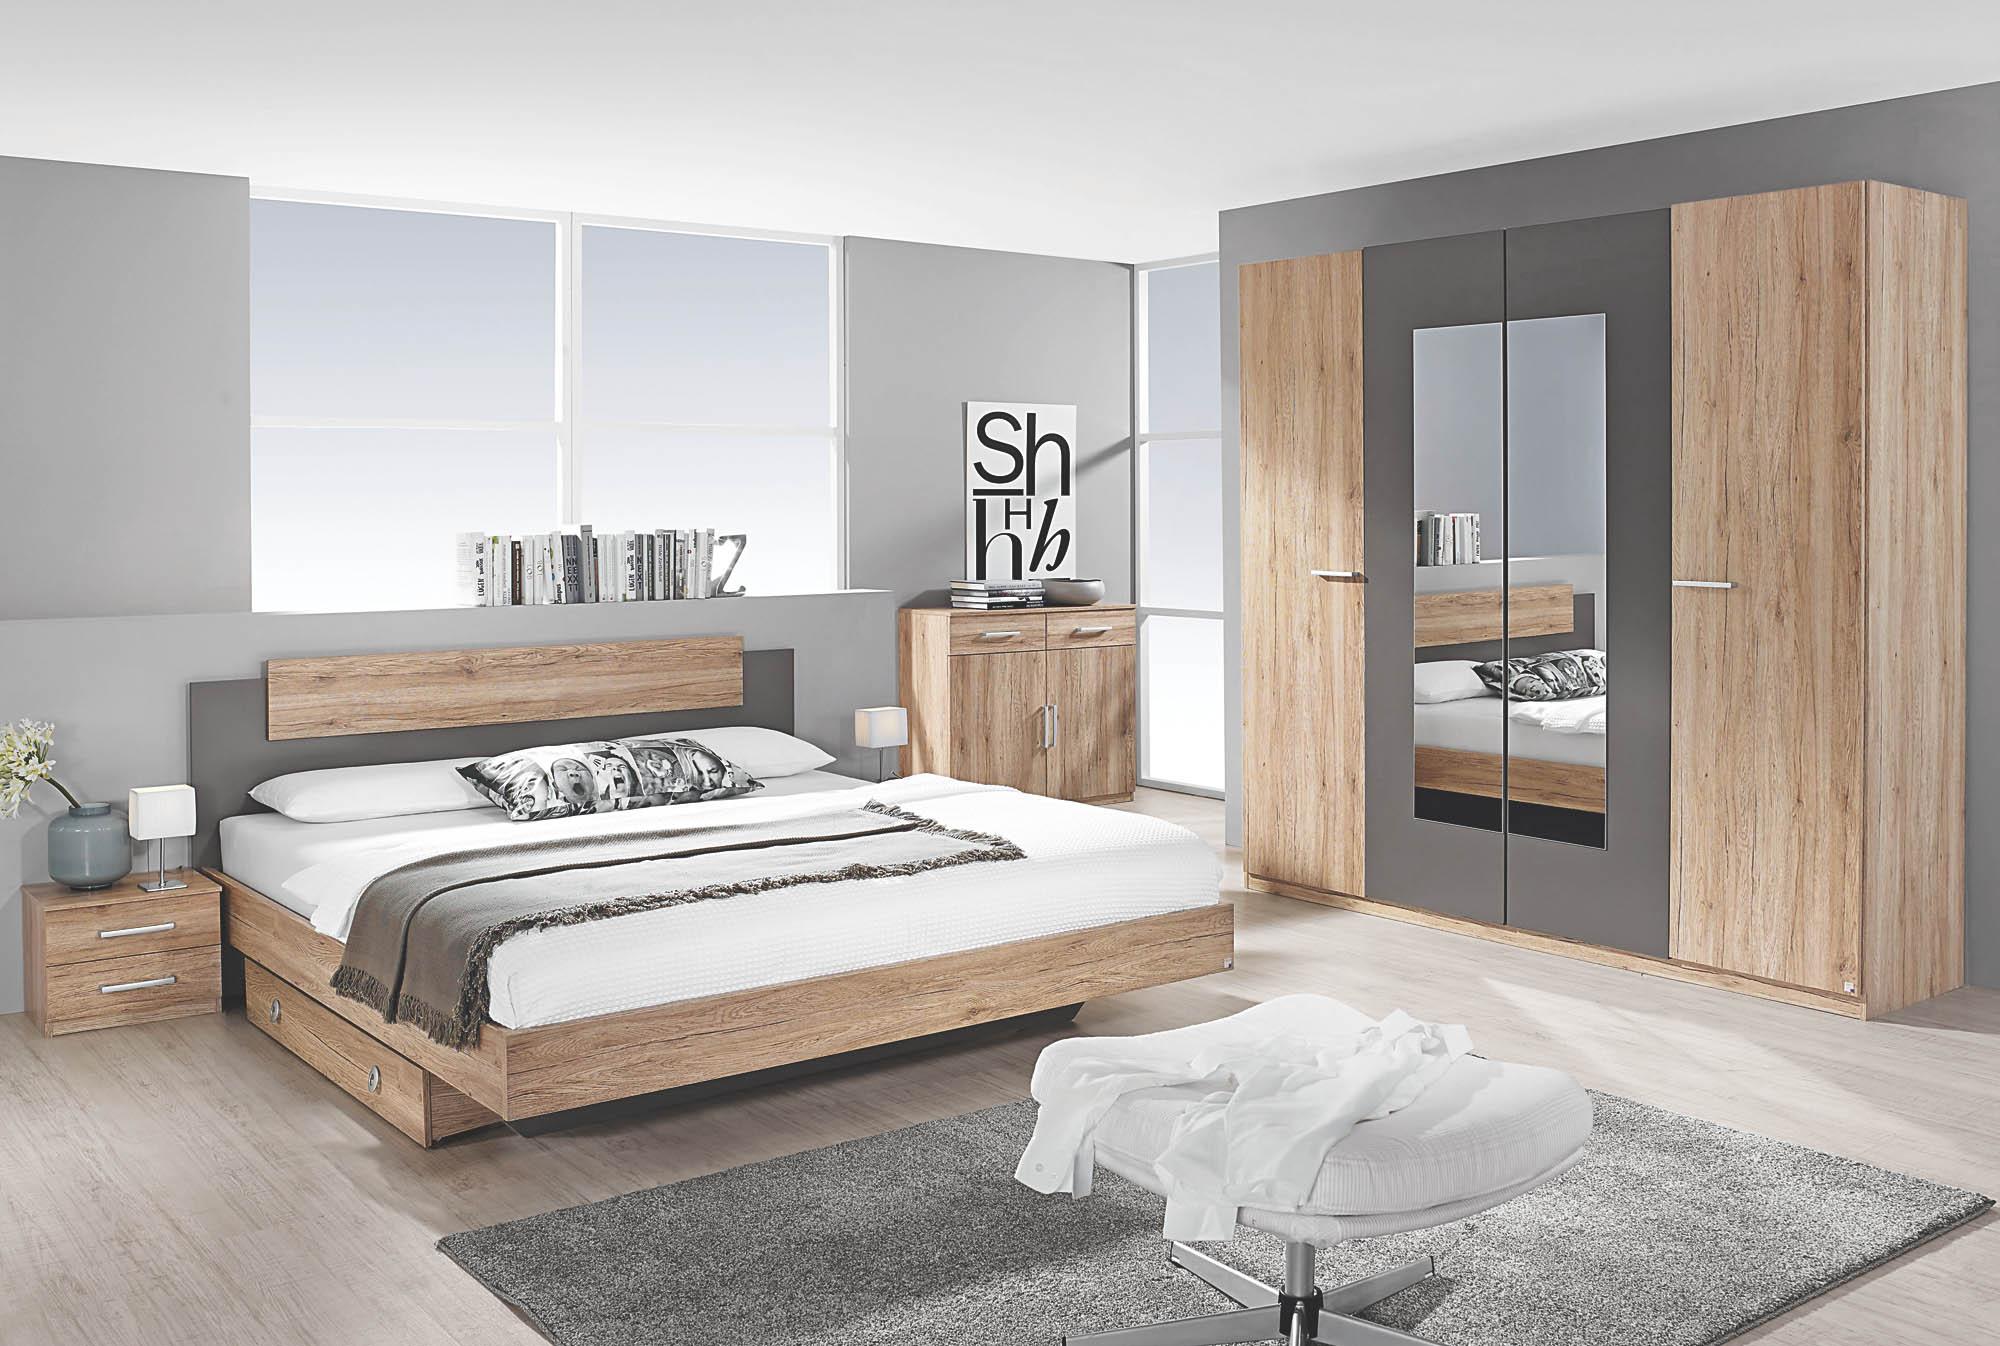 Schlafzimmer 4-tlg Borba von Rauch Packs mit 160x200 Bett Eiche Sonoma /  alpinweiß